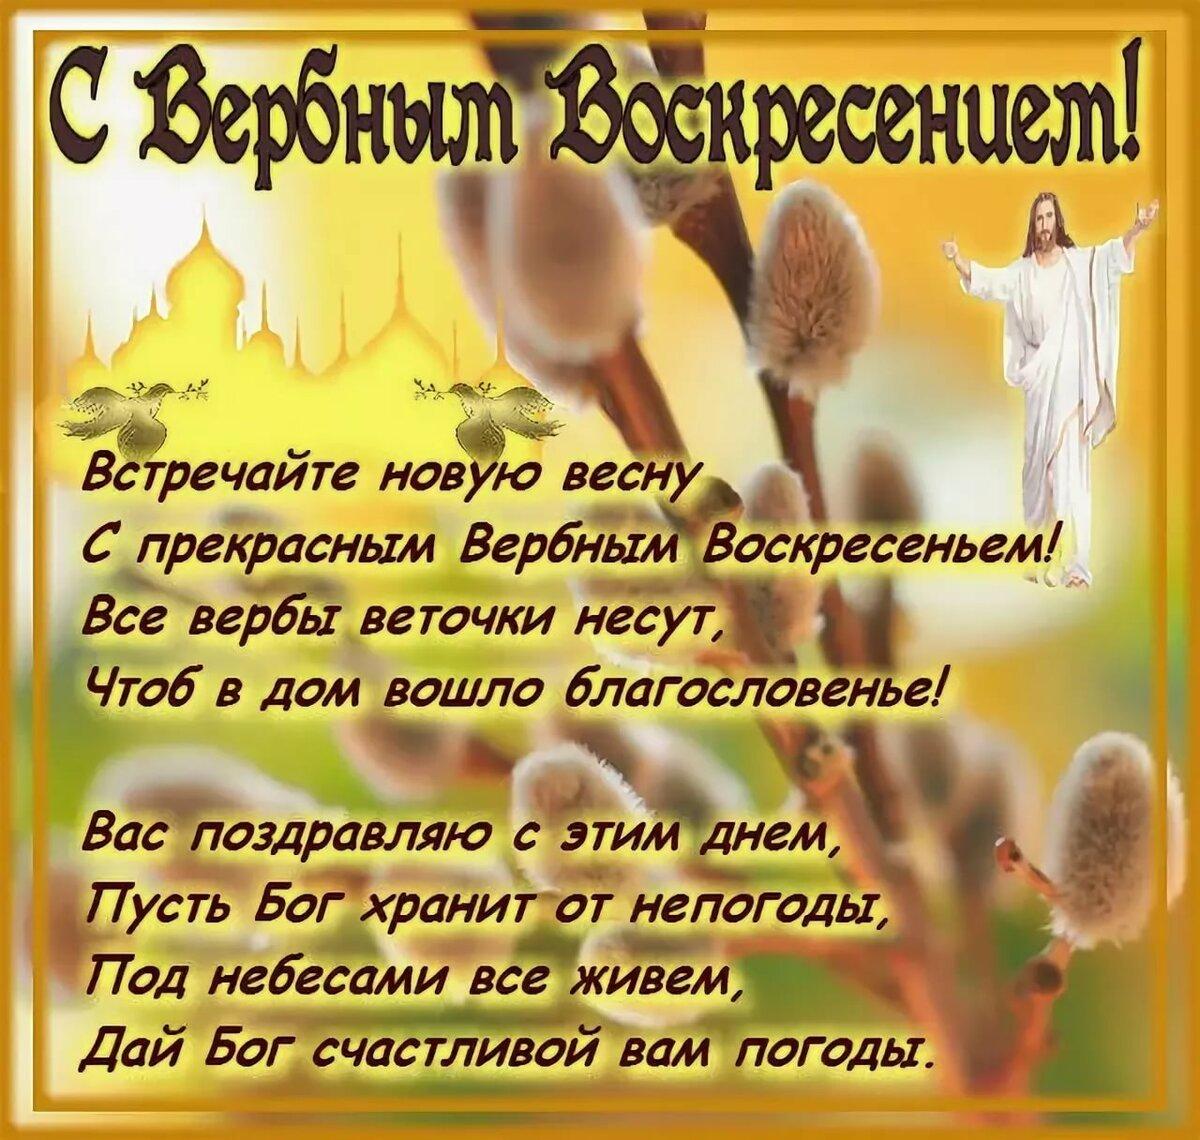 Поздравление с вербным воскресением